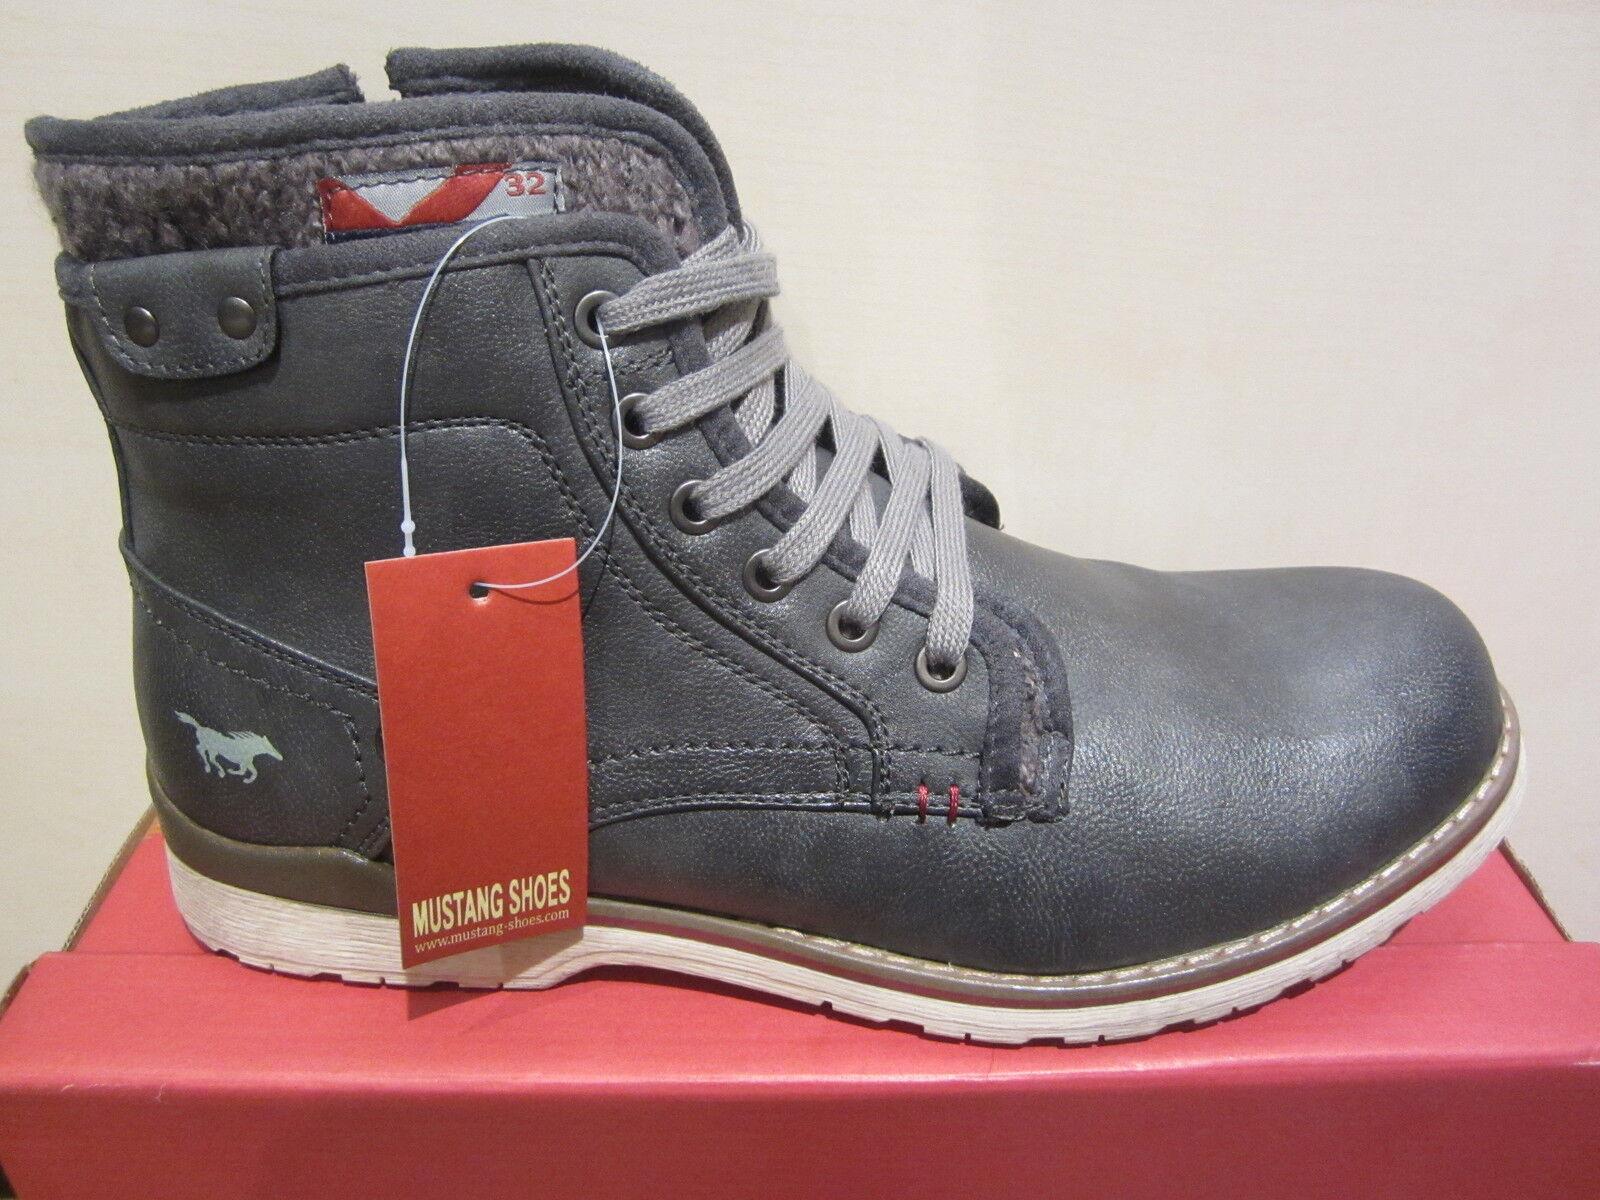 Mustang Stiefel Stiefel Schnürstiefel Winterstiefel mit RV, grau, Karofutter NEU